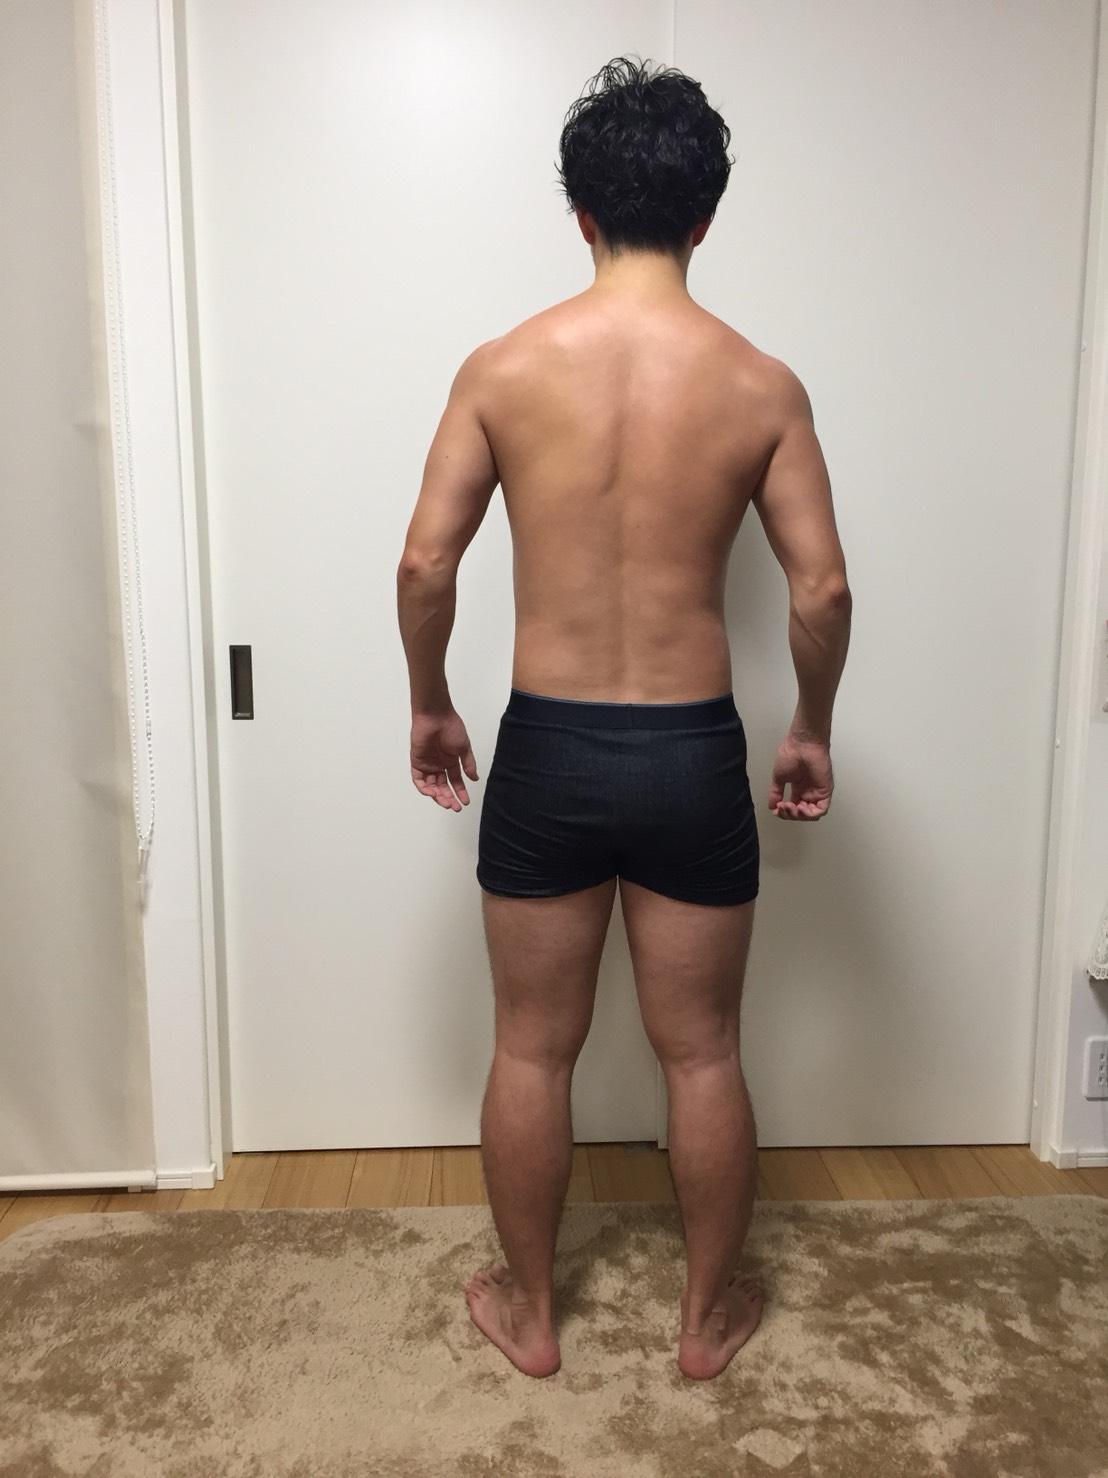 2018年4月18日:体重:78.95kg 体脂肪率:15.9%(スタートからの減り幅は体重:-2.4kg、体脂肪率:-1.4%)の背面の様子